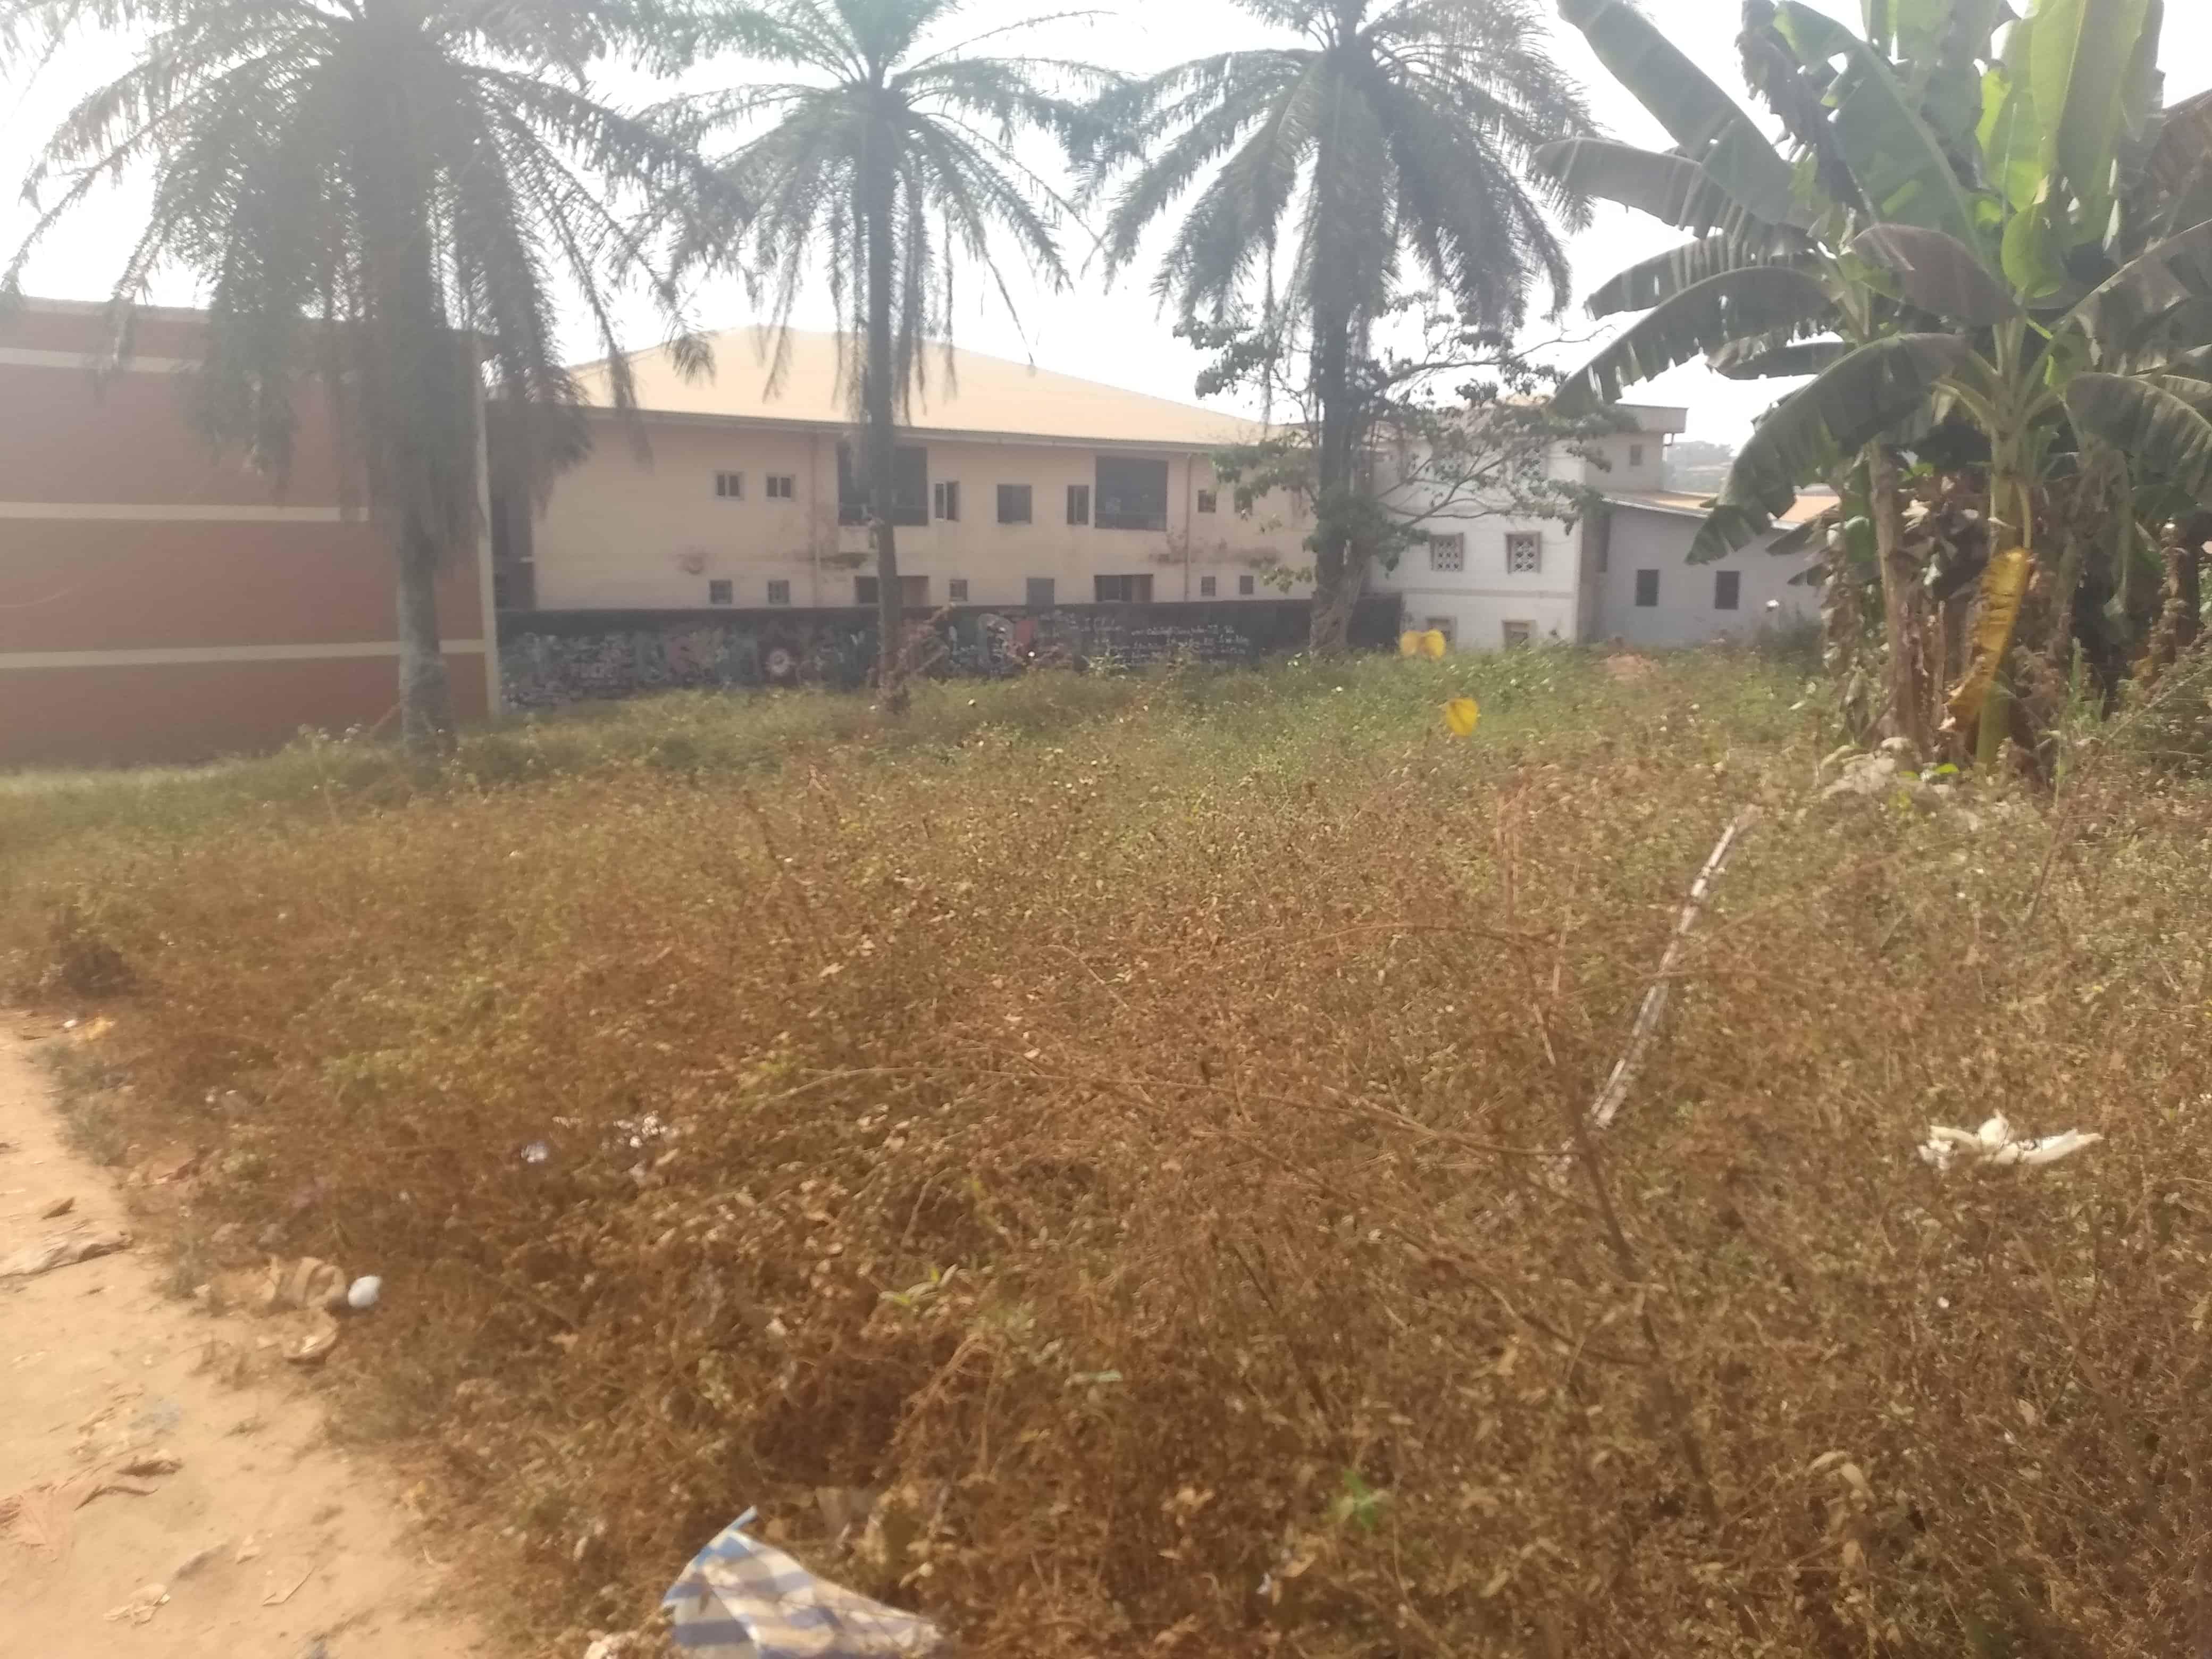 Land for sale at Yaoundé, Nkomo, Carrefour Nkomo - 1000 m2 - 40 000 000 FCFA